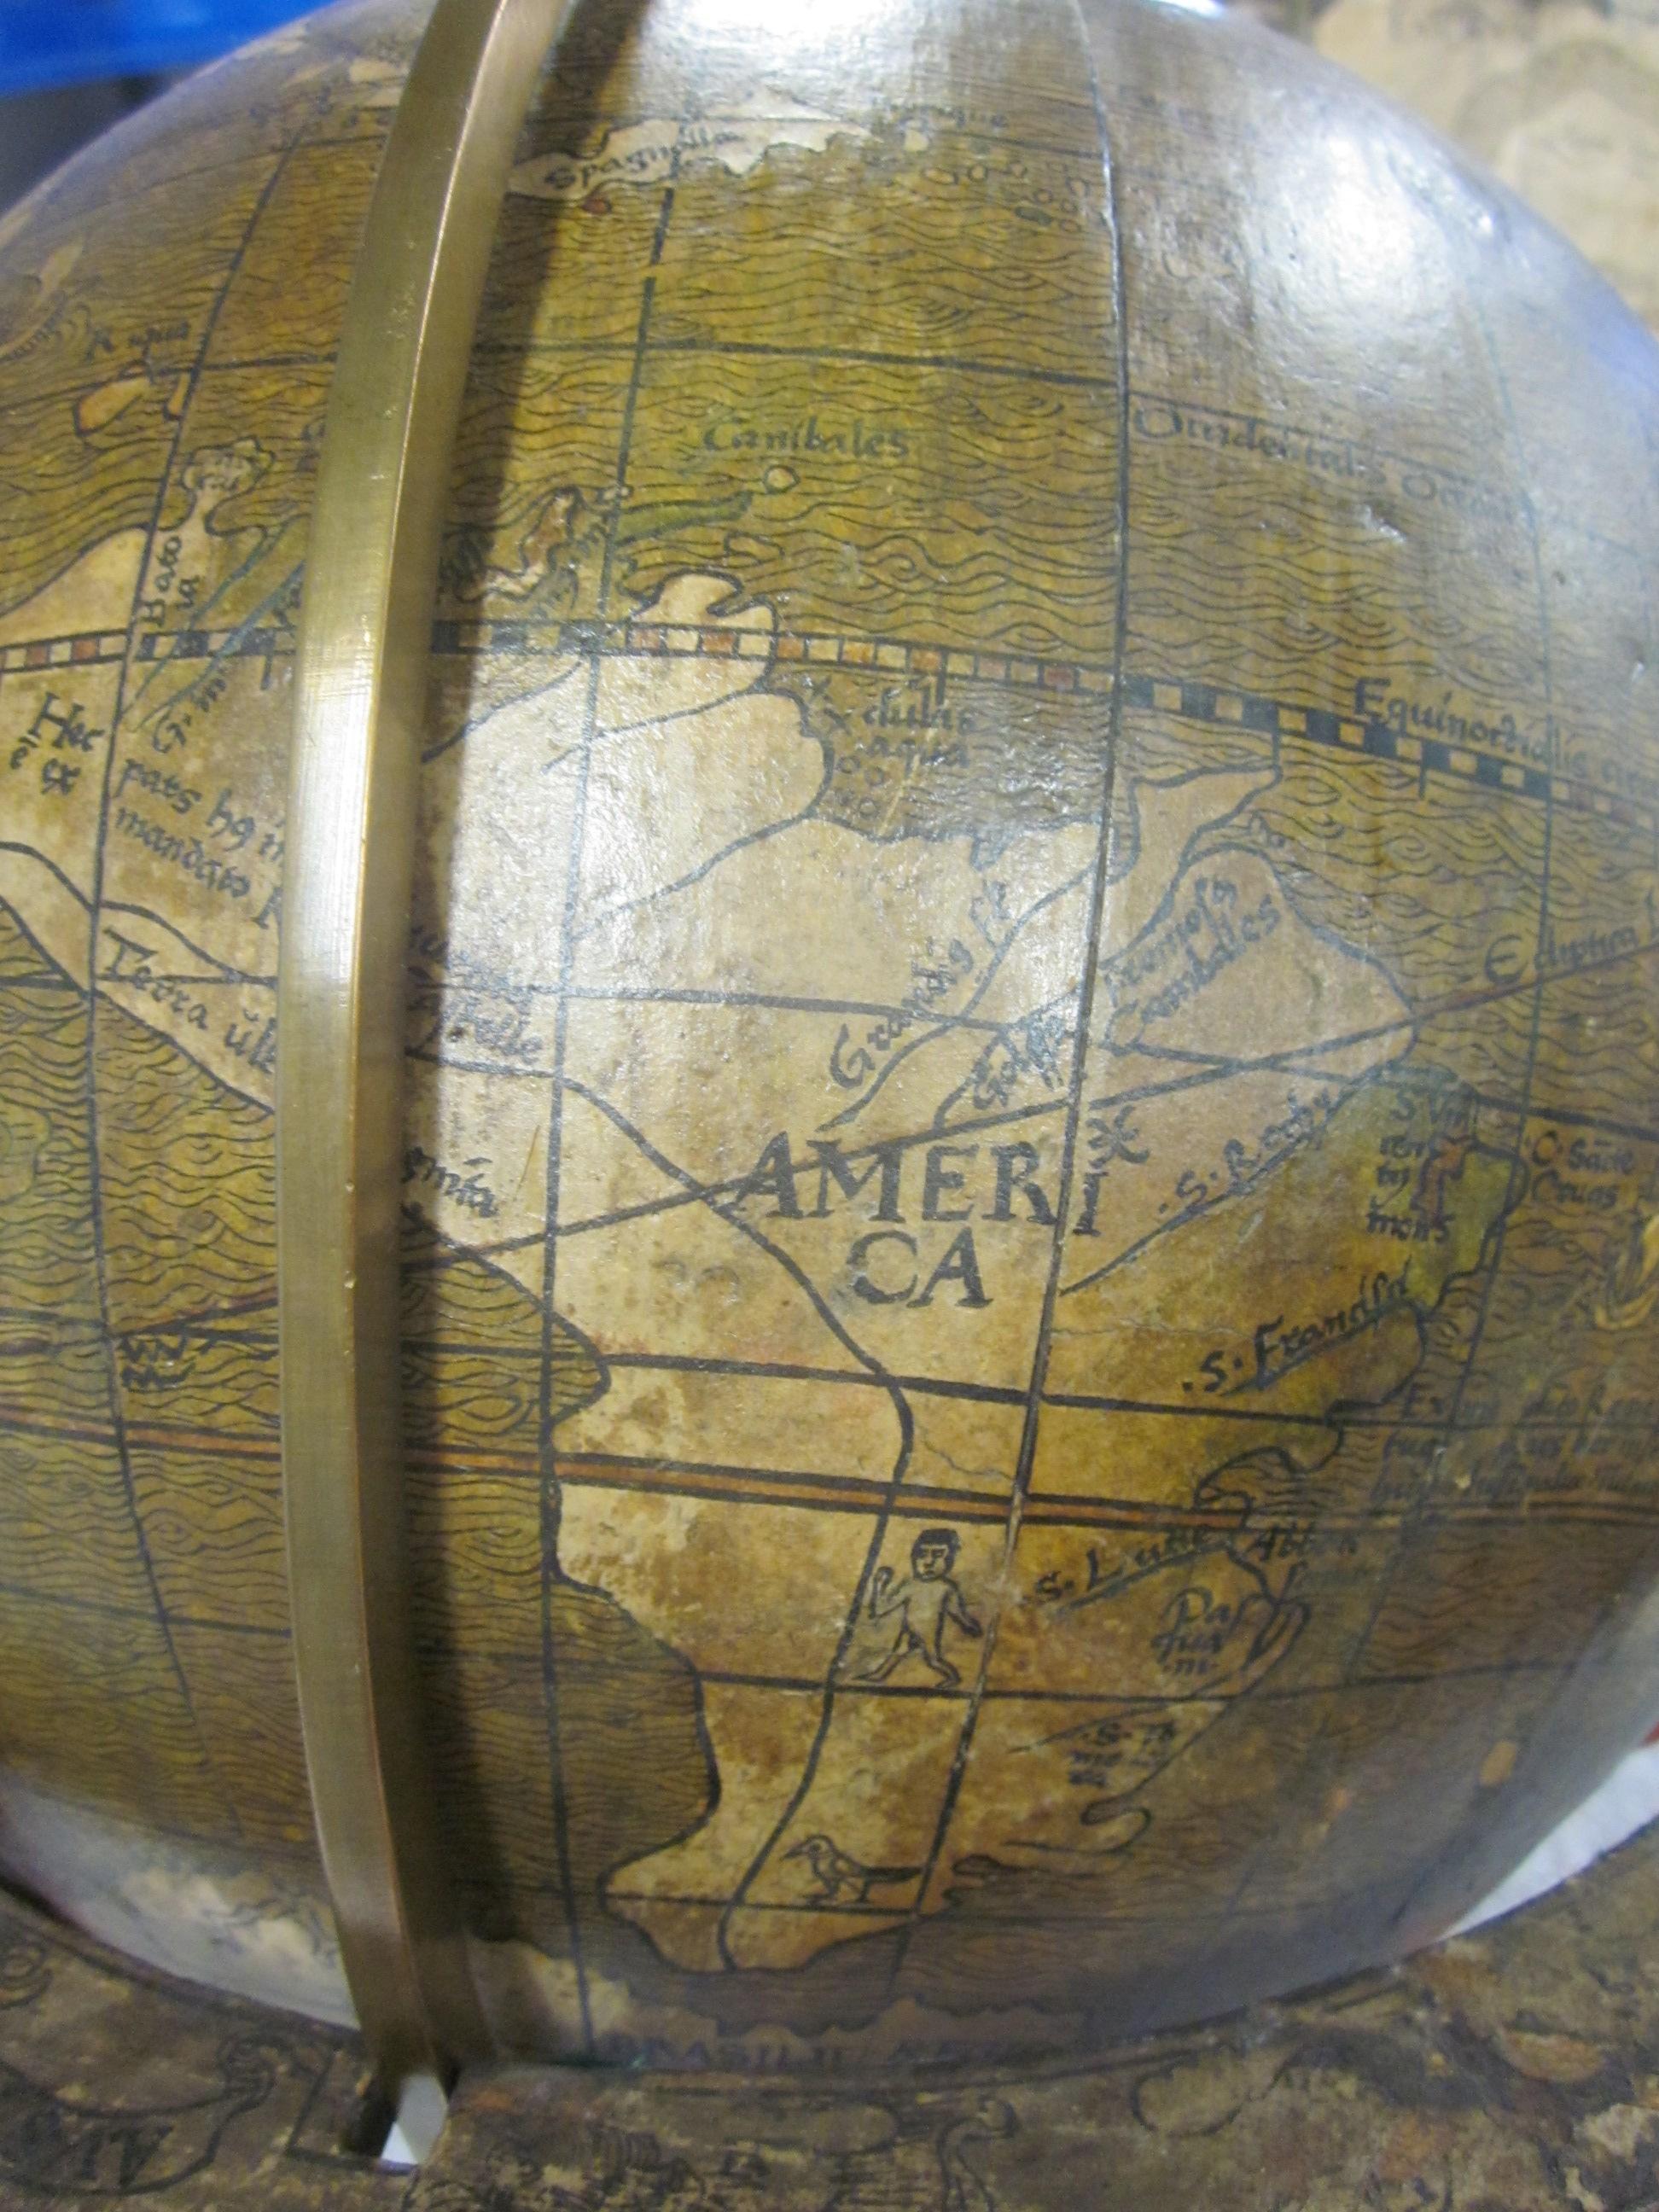 historisches museum frankfurt: Globus-Ausschnitt, Johannes Schöner, 1515: America